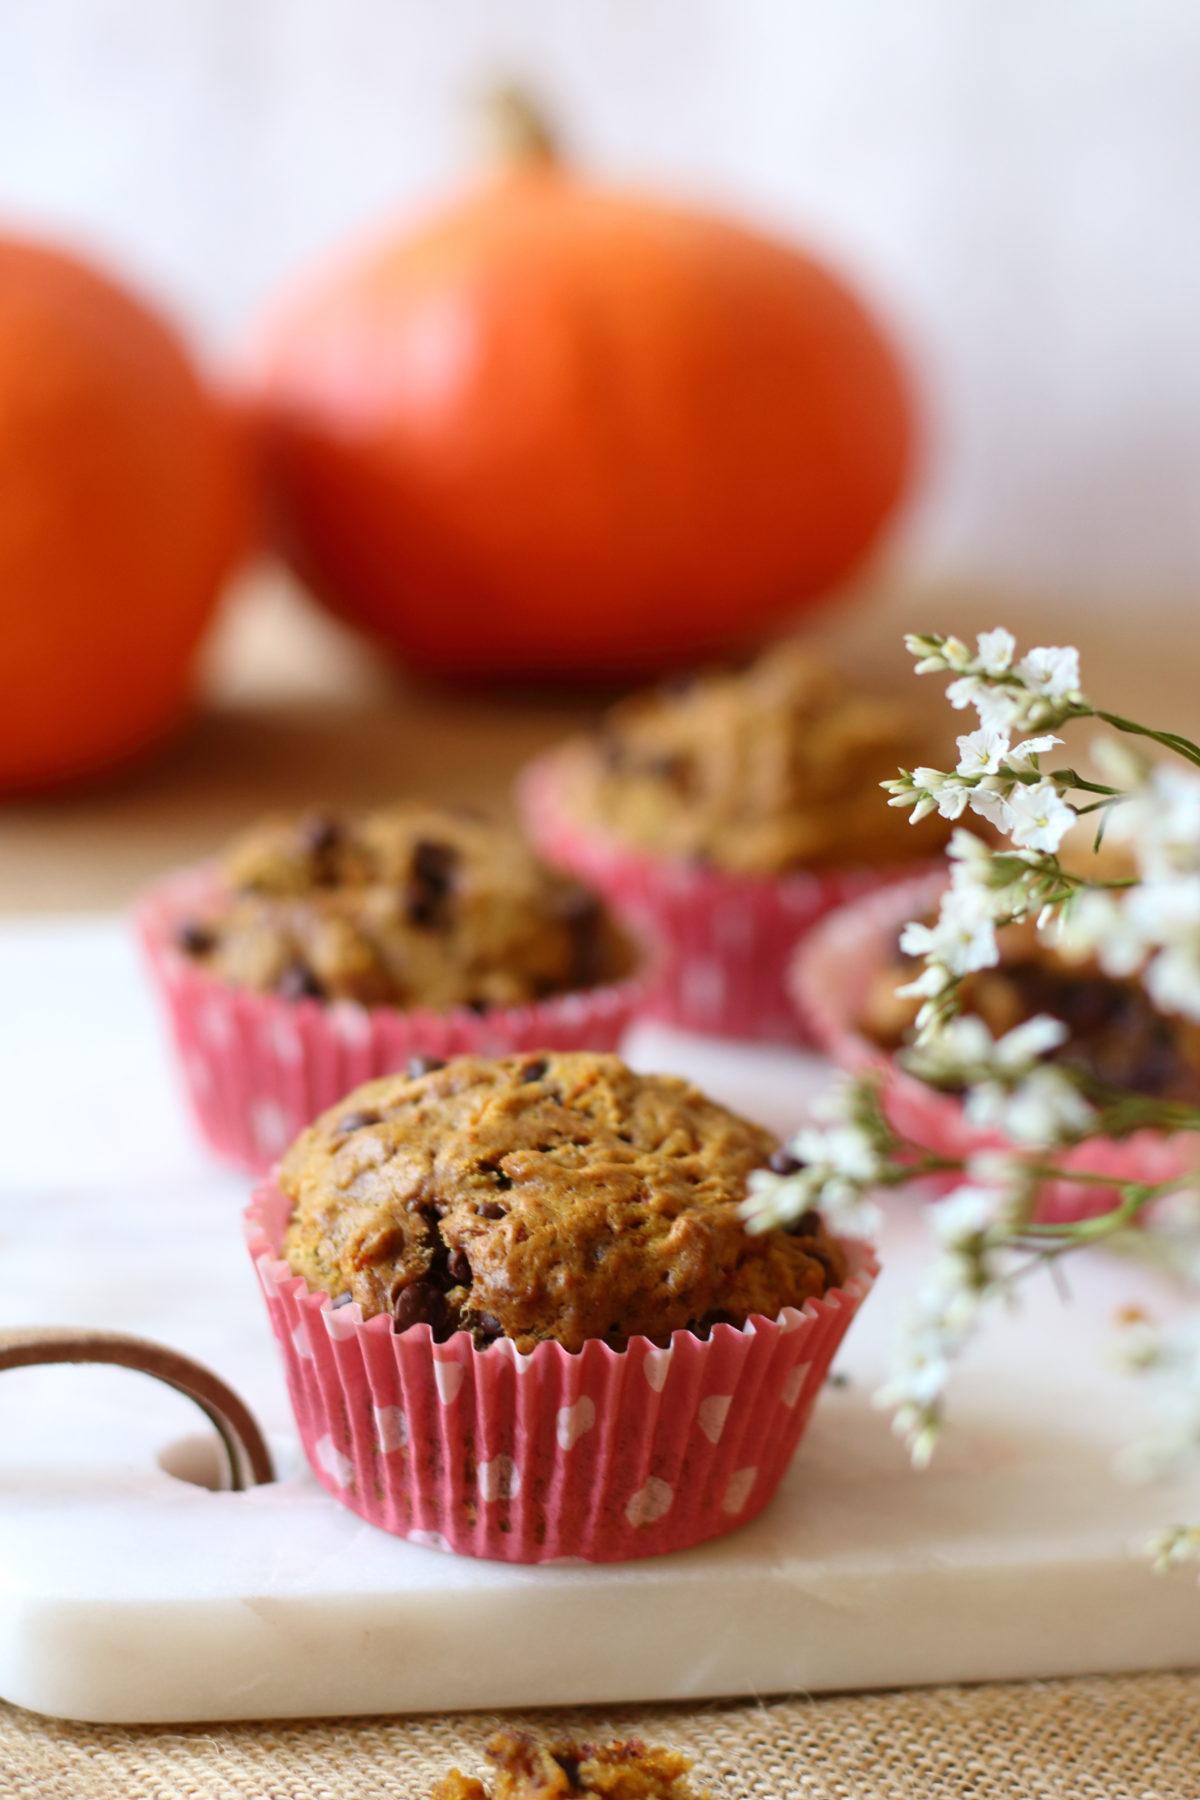 Vegan & Gluten Free Pumpkin Spice Muffins